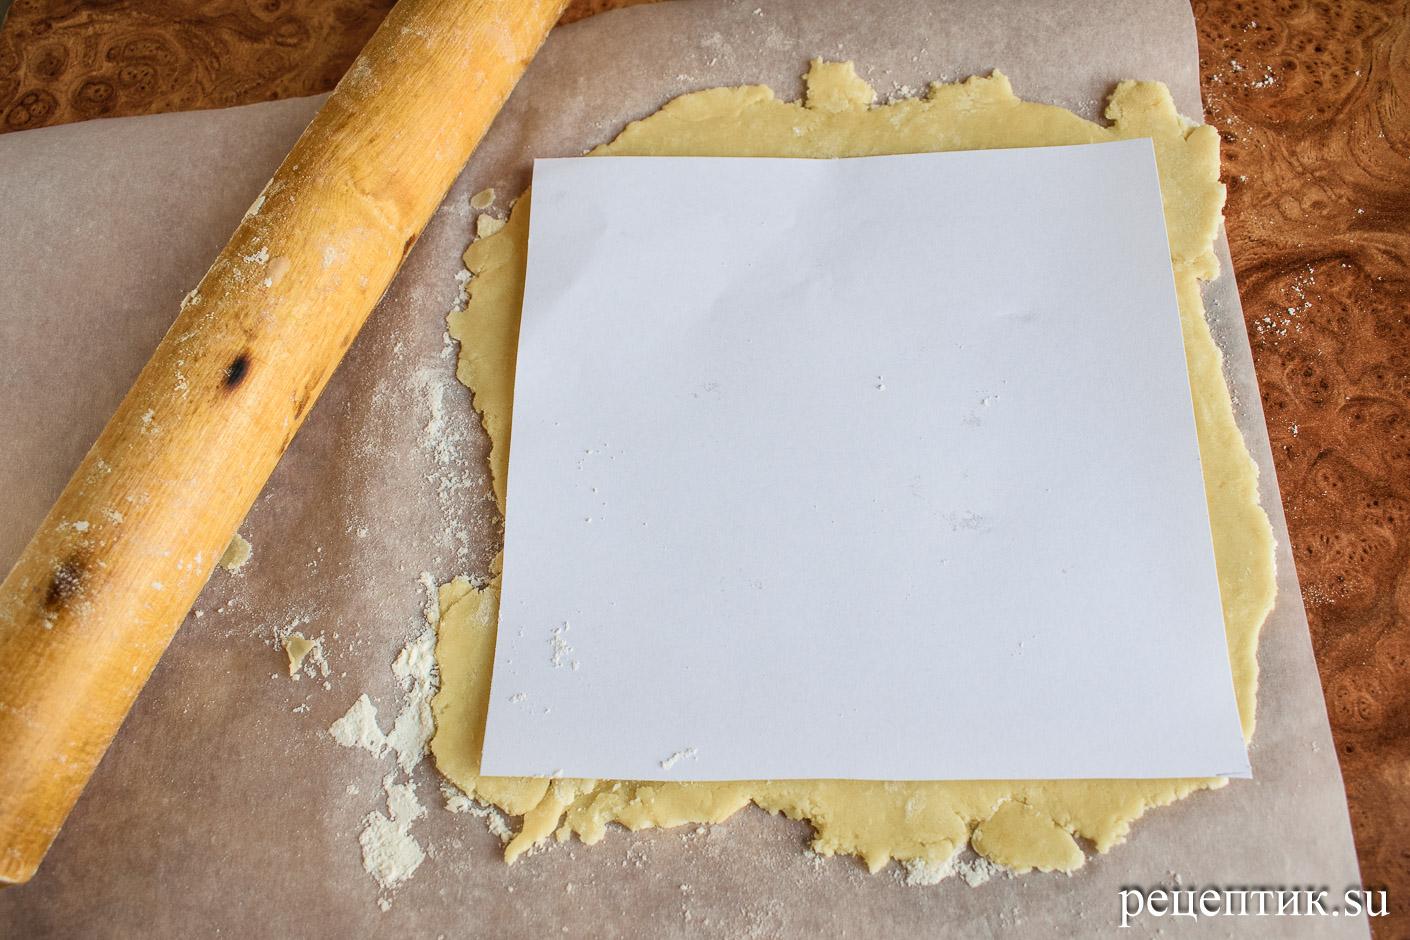 Торт «Ленинградский» — песочный торт с шоколадным масляным кремом - рецепт с фото, шаг 1